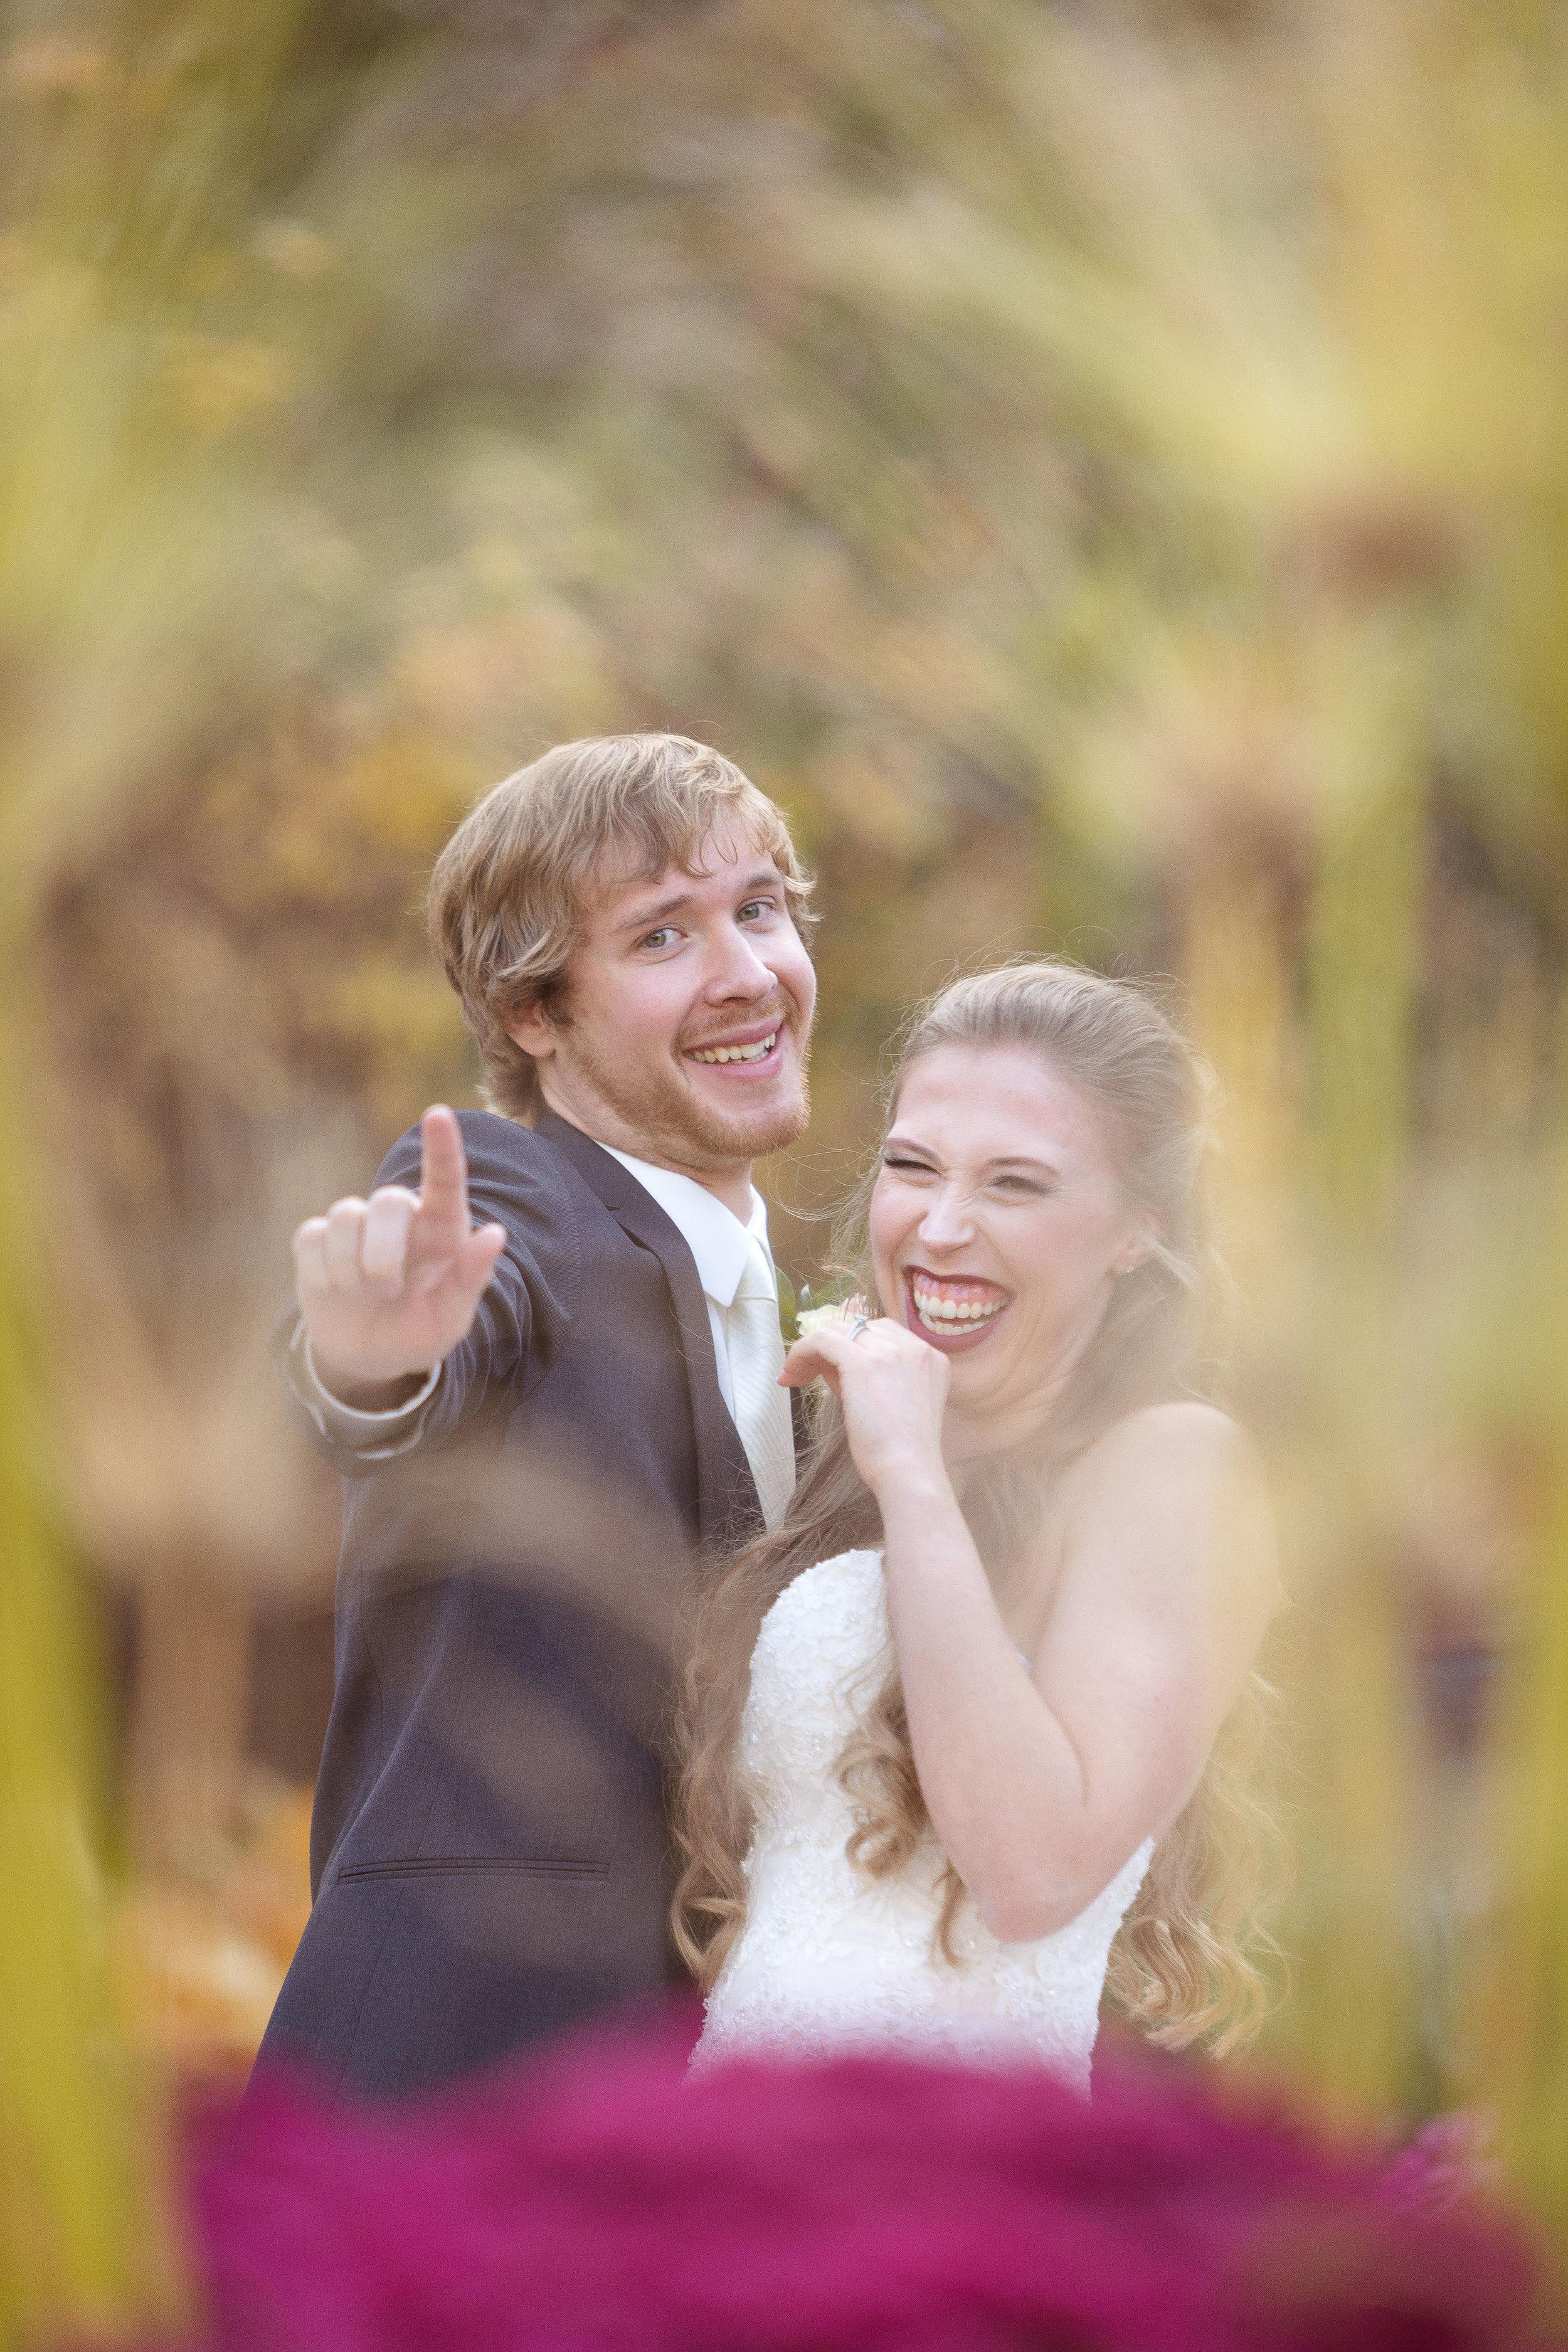 C_Wedding_Spellman, Megan & Tyler_10.27.18-673.JPG